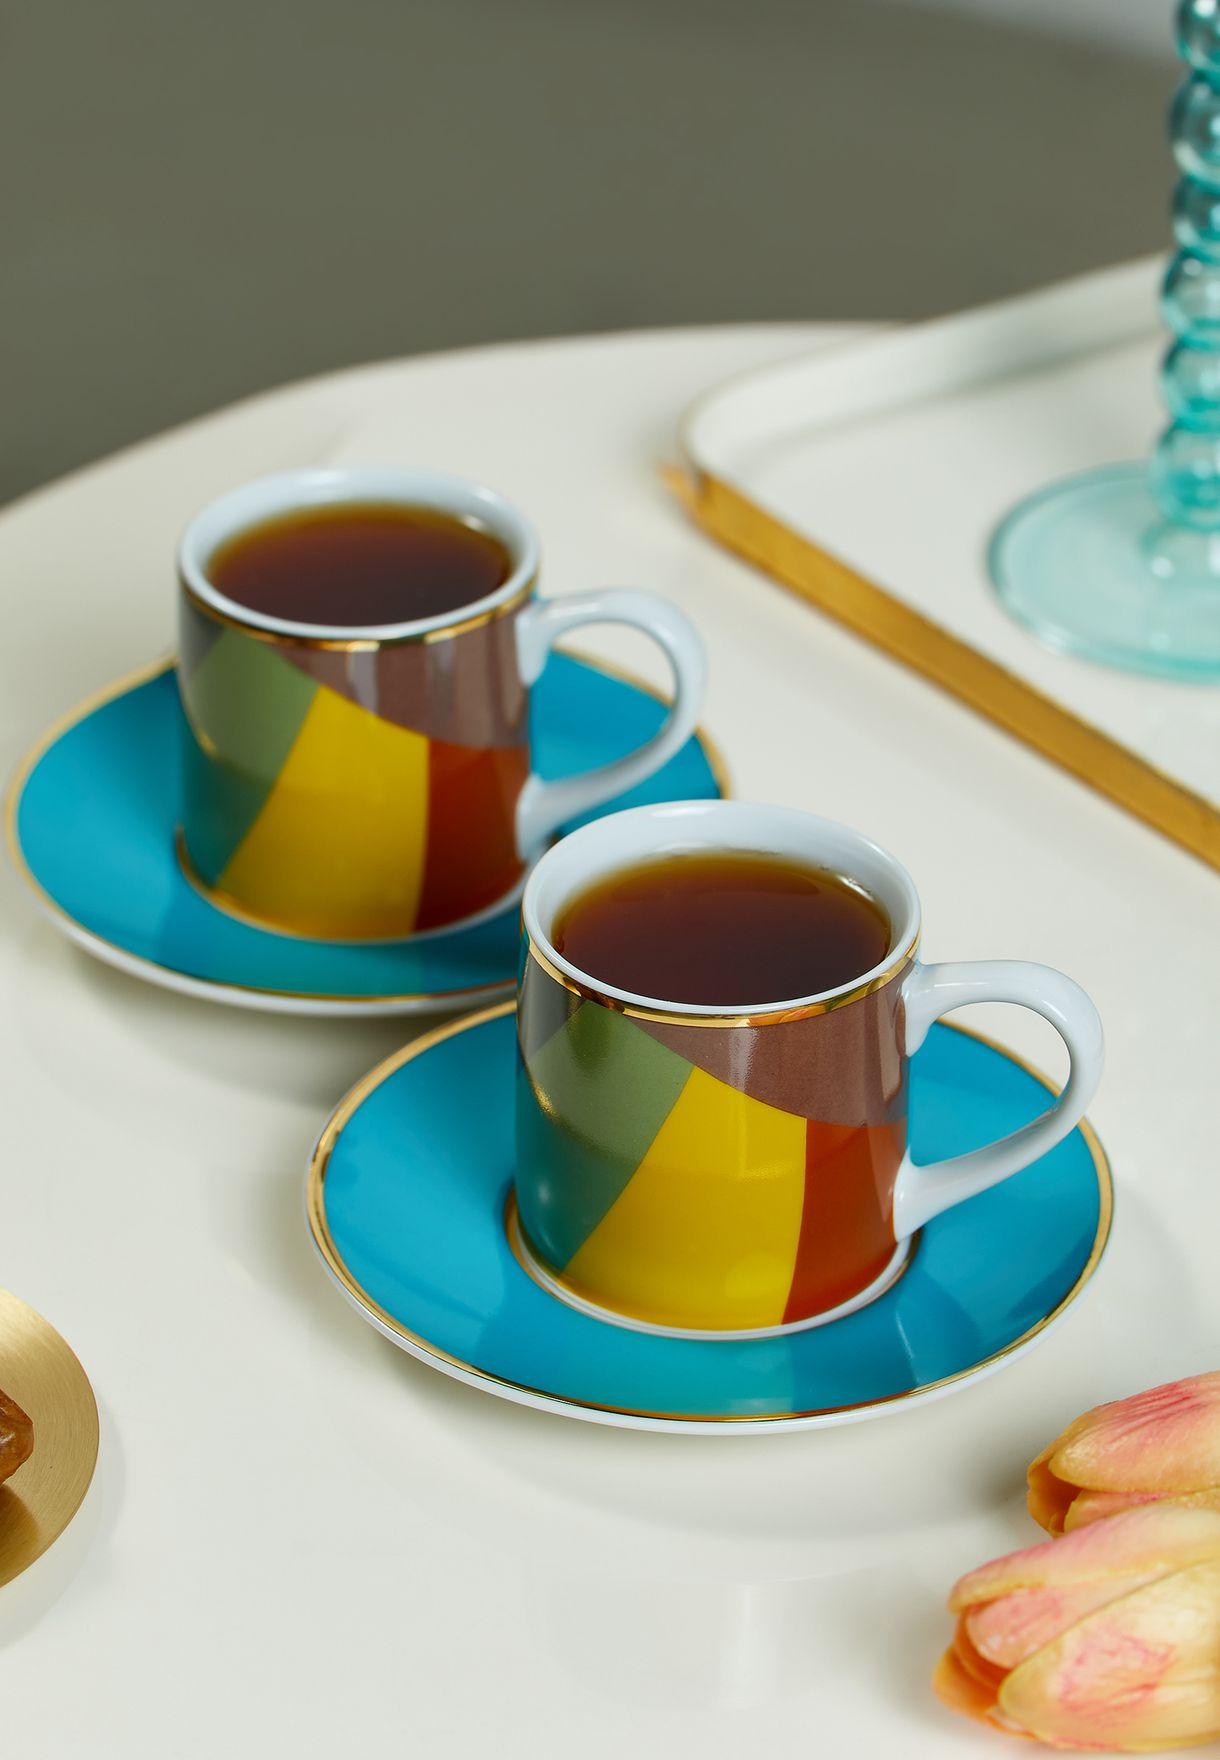 فناجين قهوة عدد 2 - اكل النحل